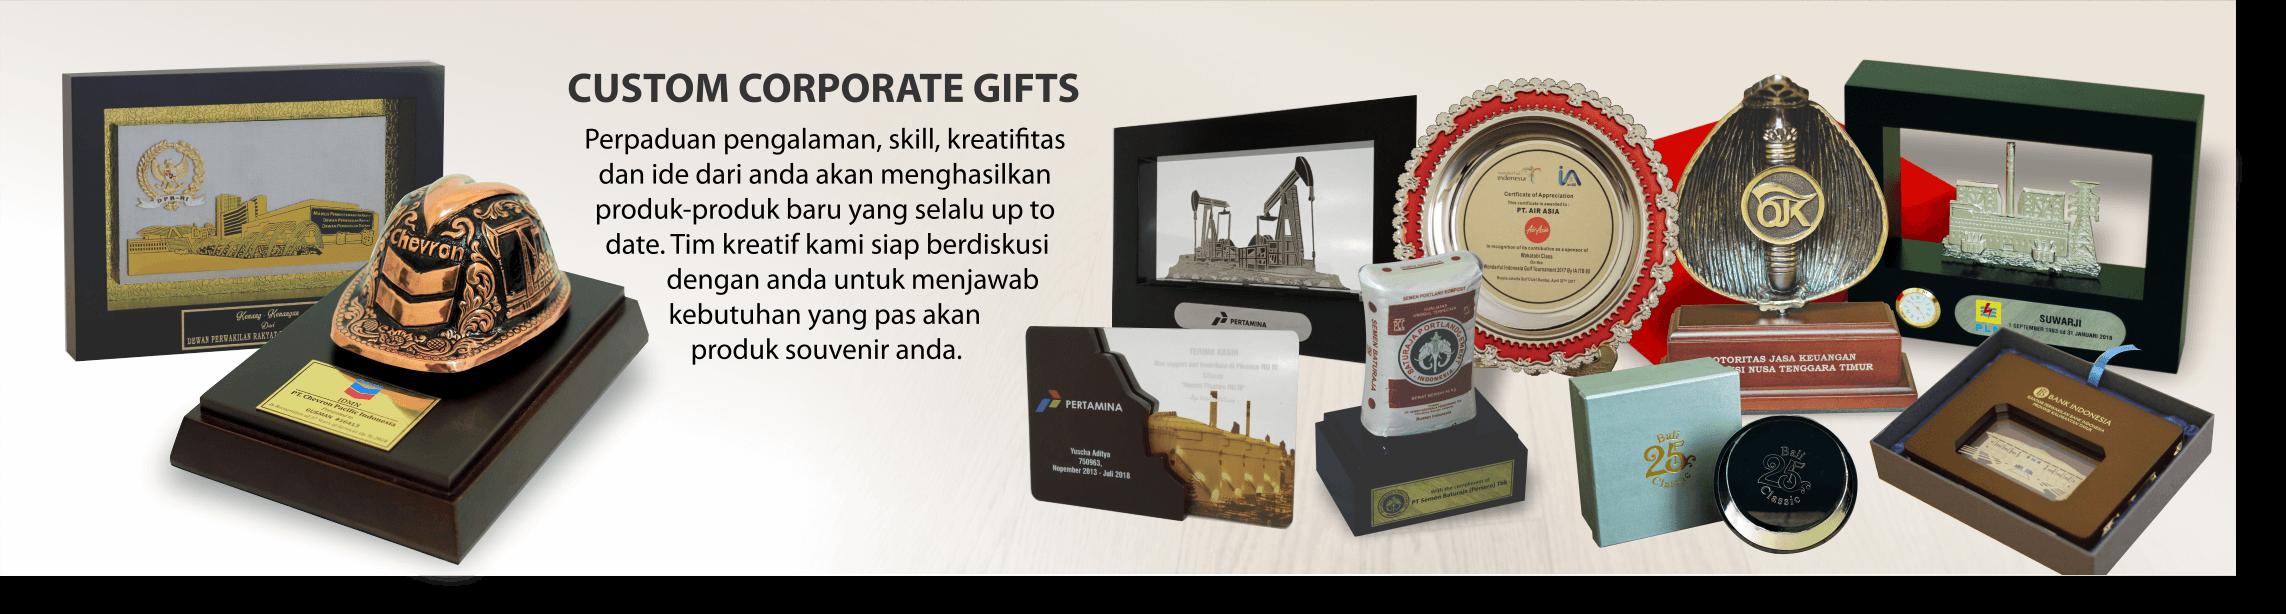 Plakat penghargaan custom corporate Gift - contoh cinderamata